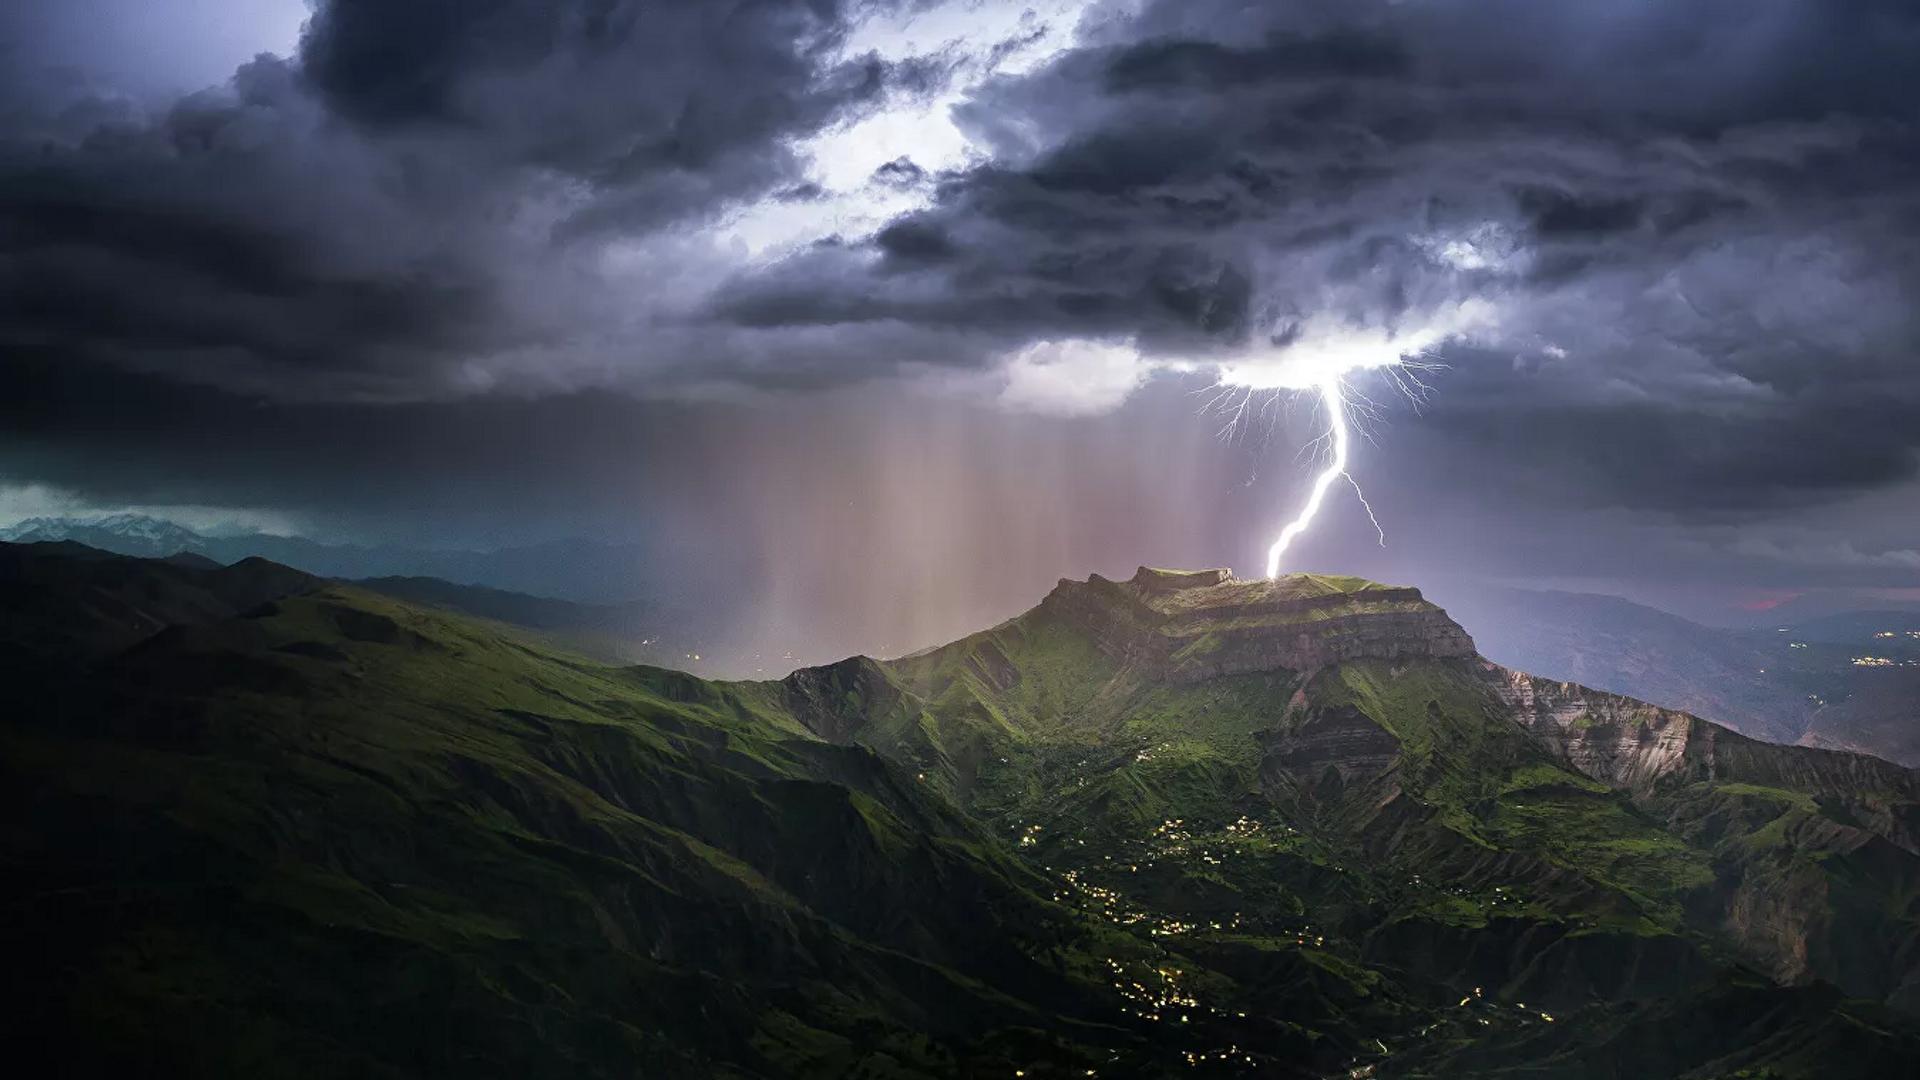 El legendario monte Montura, el más famoso de Daguestán, con un raro fenómeno de la naturaleza: un rayo que cae directamente en la cima.  - Sputnik Mundo, 1920, 23.03.2021